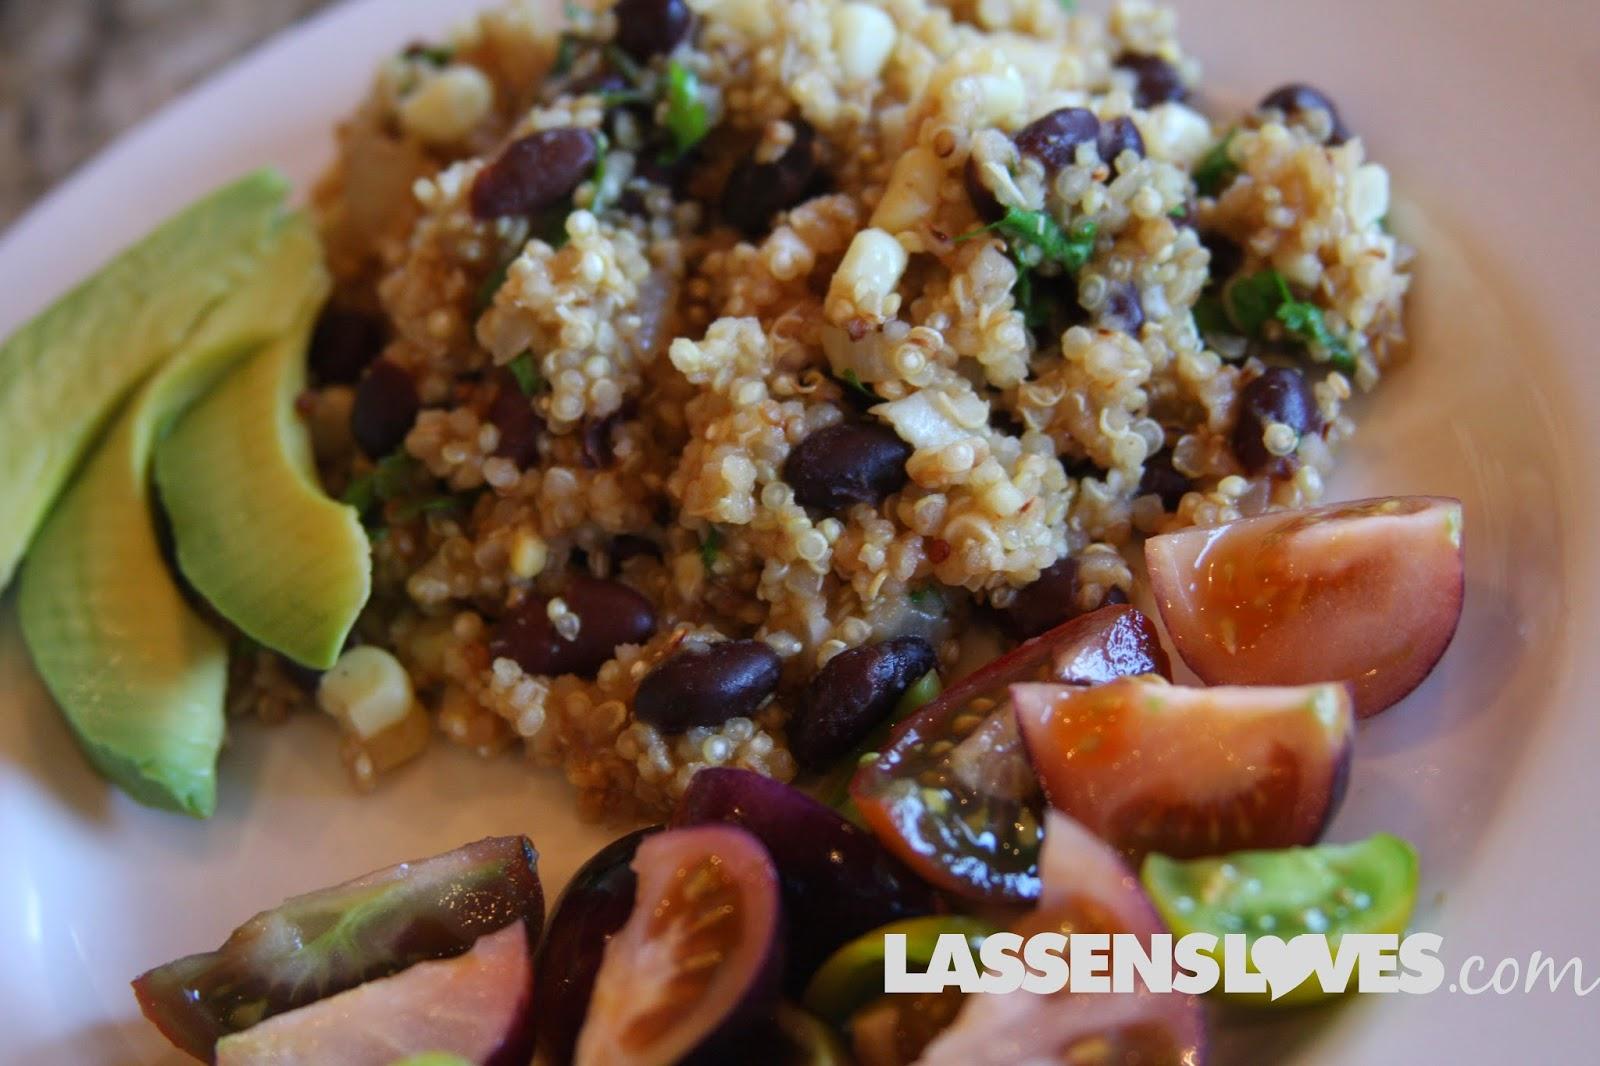 quinoa+recipes, quinoa+black+beans, paleo+recipes, vegan+recipes, vegetarian+recipes